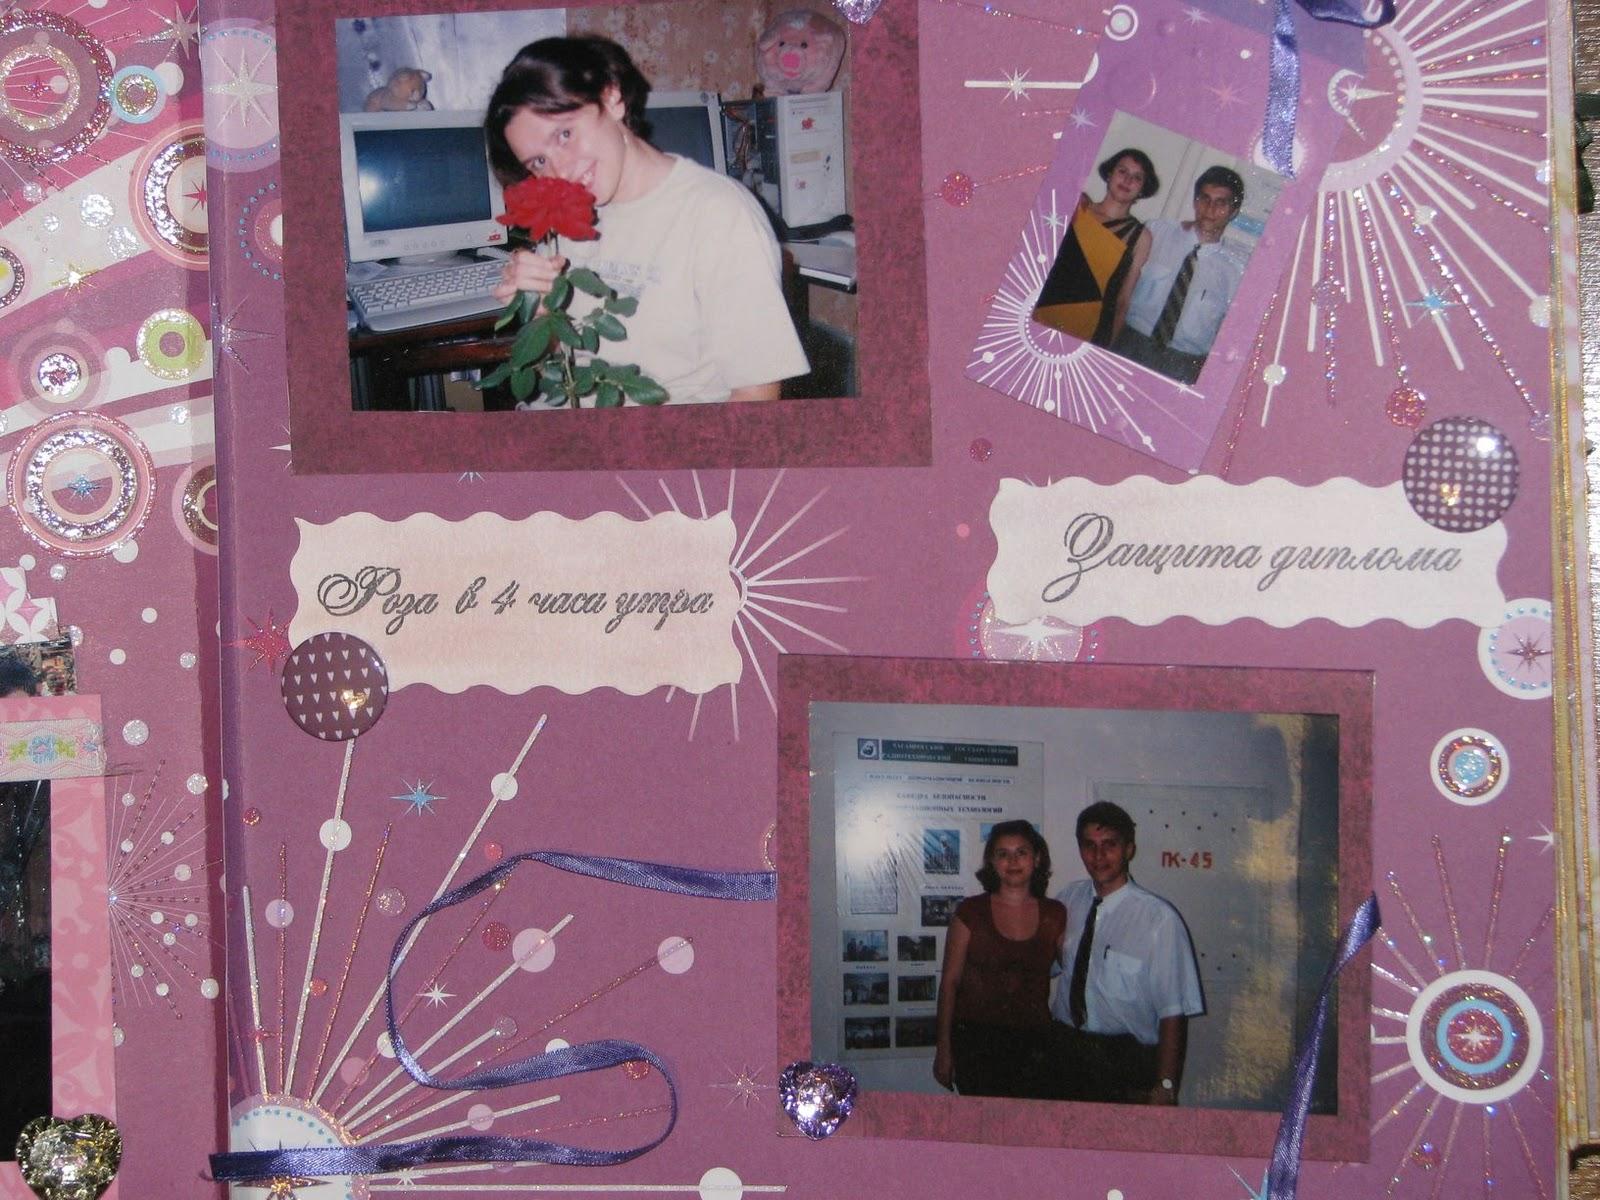 Что подарить на годовщину свадьбы 1 год (на ситцевую свадьбу) 69